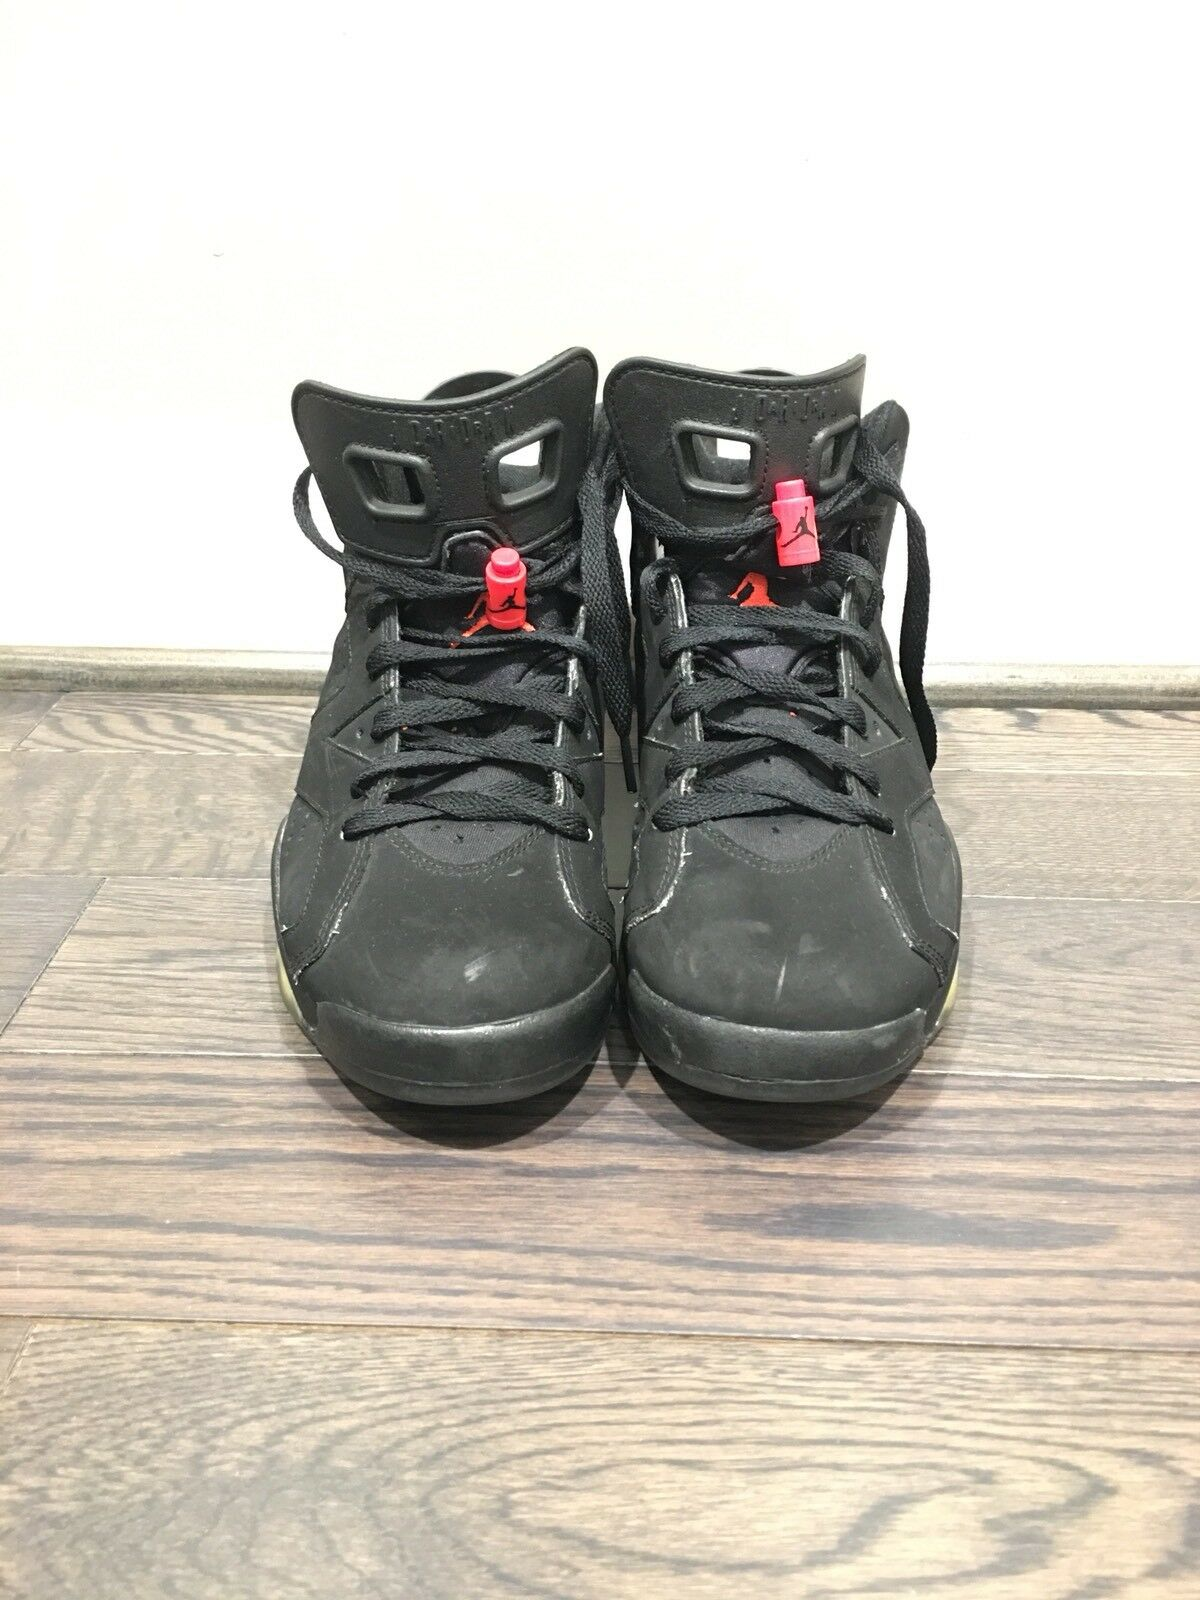 Air Jordan (2014) 6 VI Black Infrared (2014) Jordan Pre-owned SIZE 8 0bba56